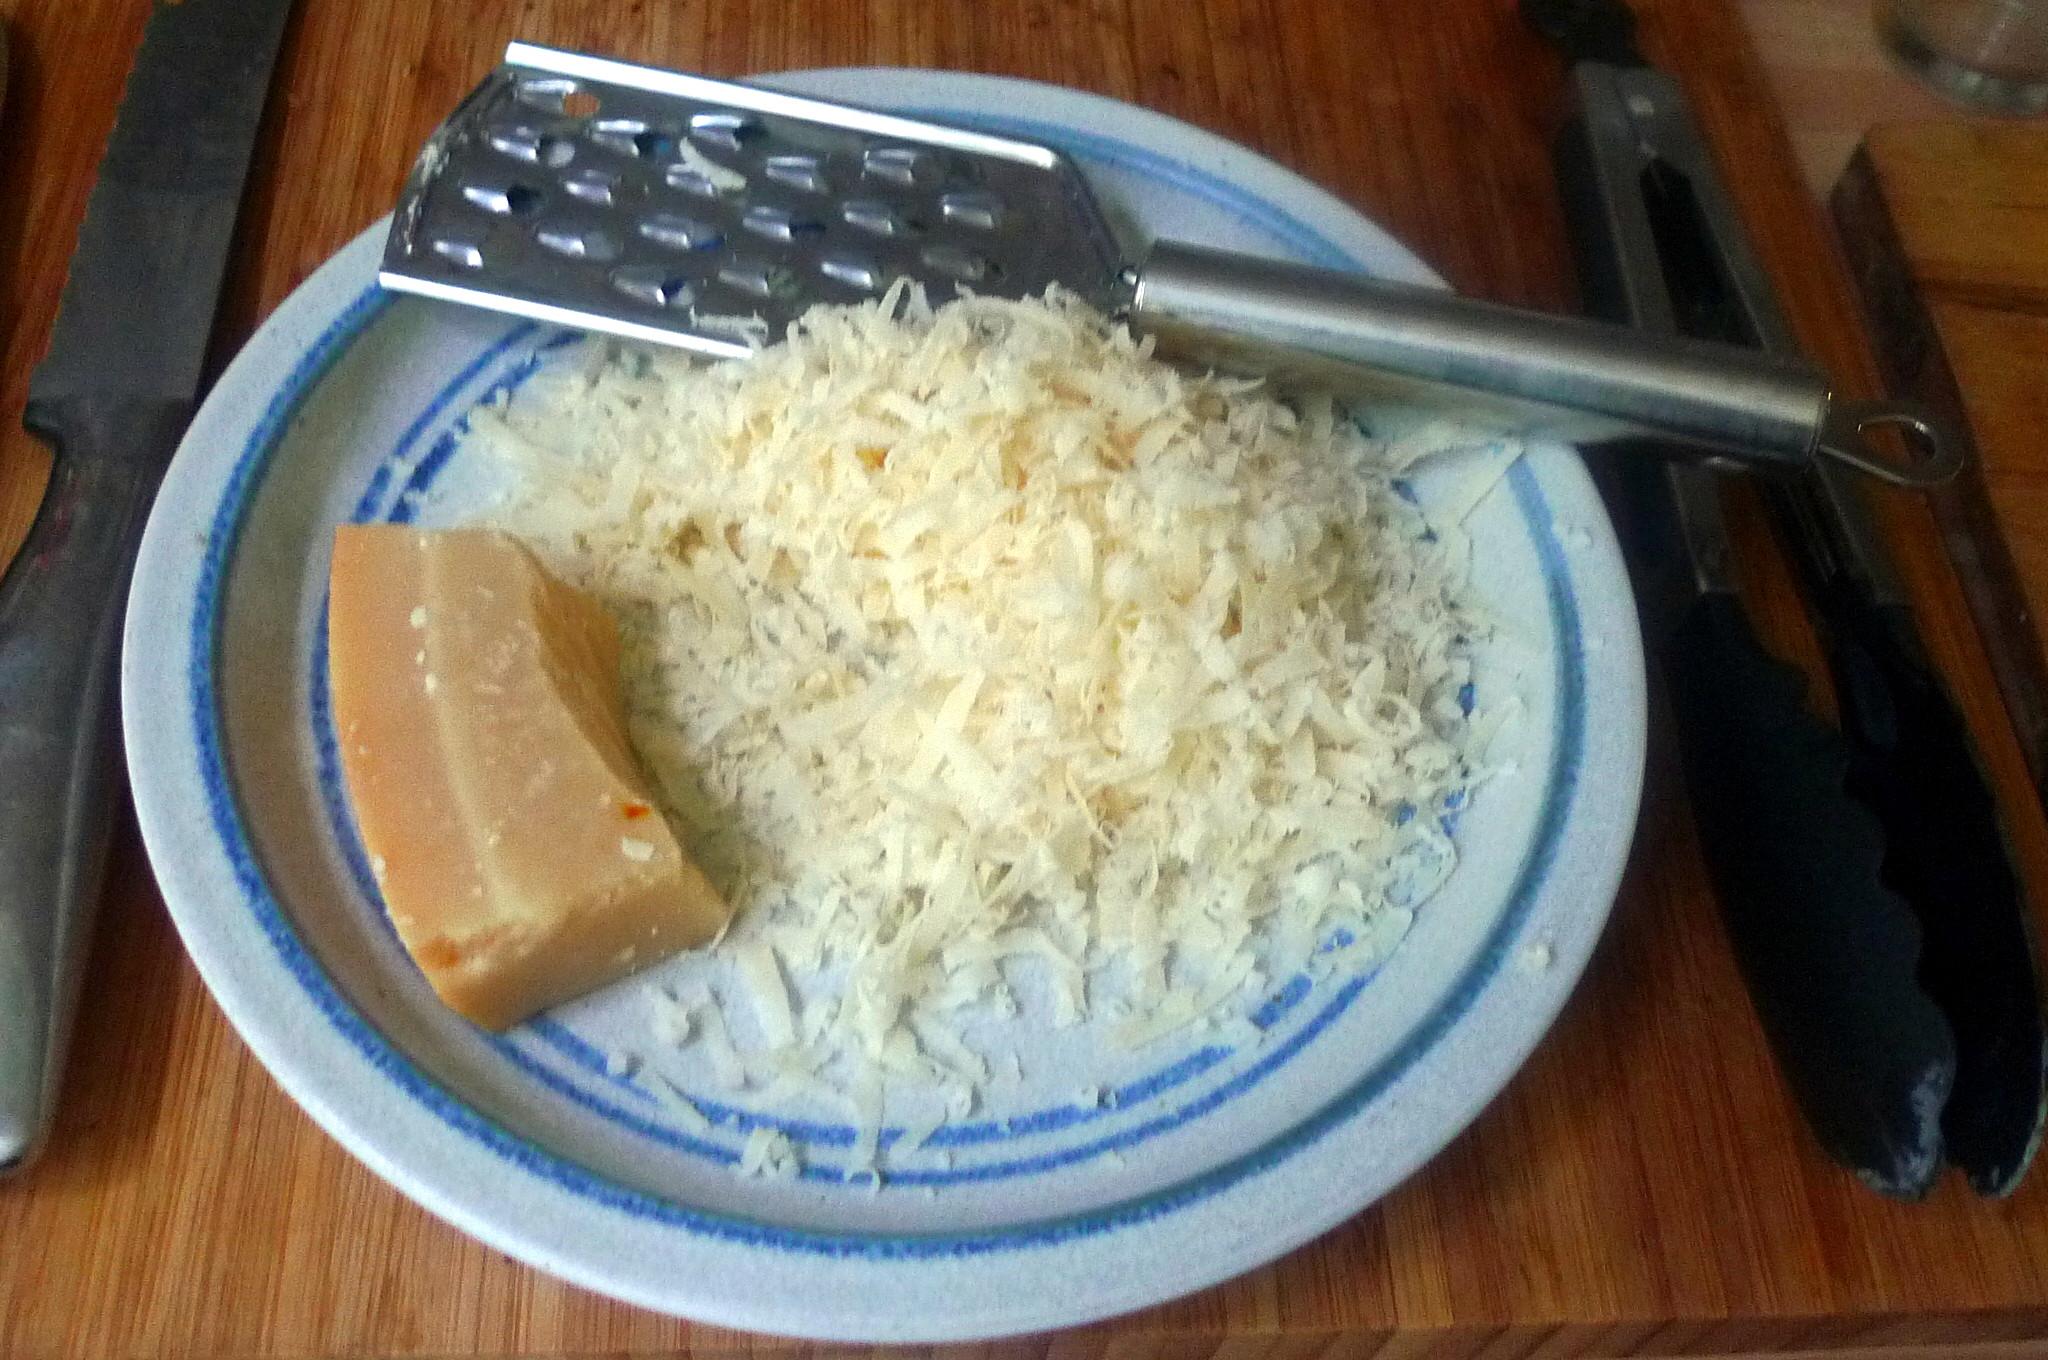 Zucchinispagetthi,Tomatensauce,veganvegetarisch -15.8.15 (7)